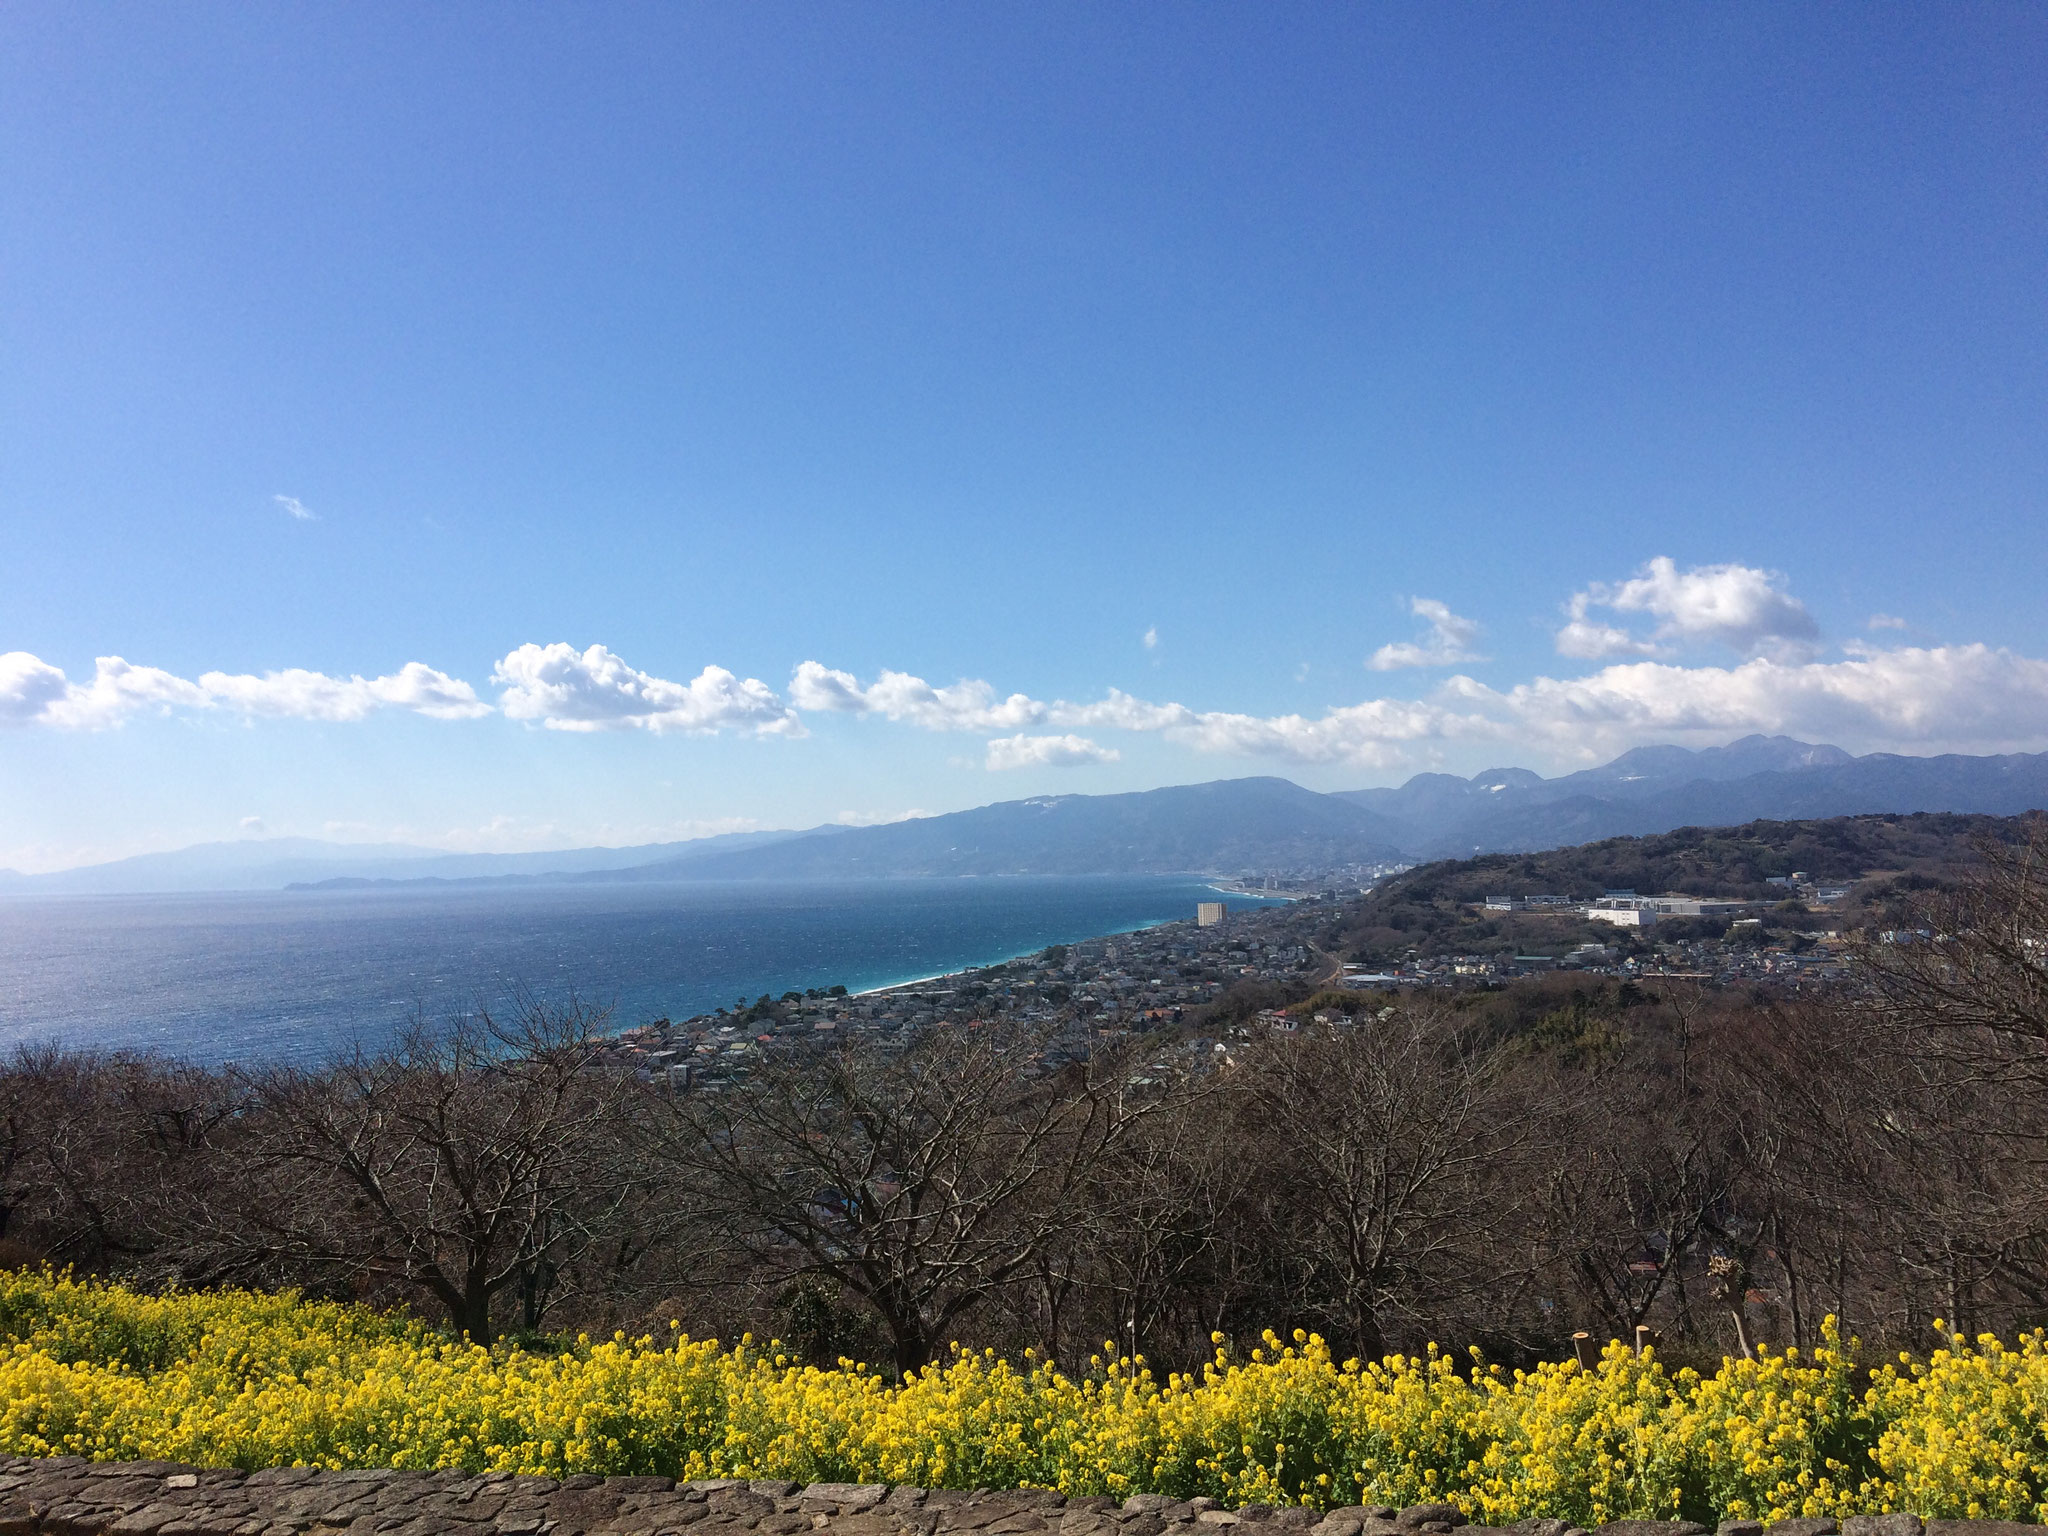 箱根、丹沢が手に取るような近さに感じられますね~